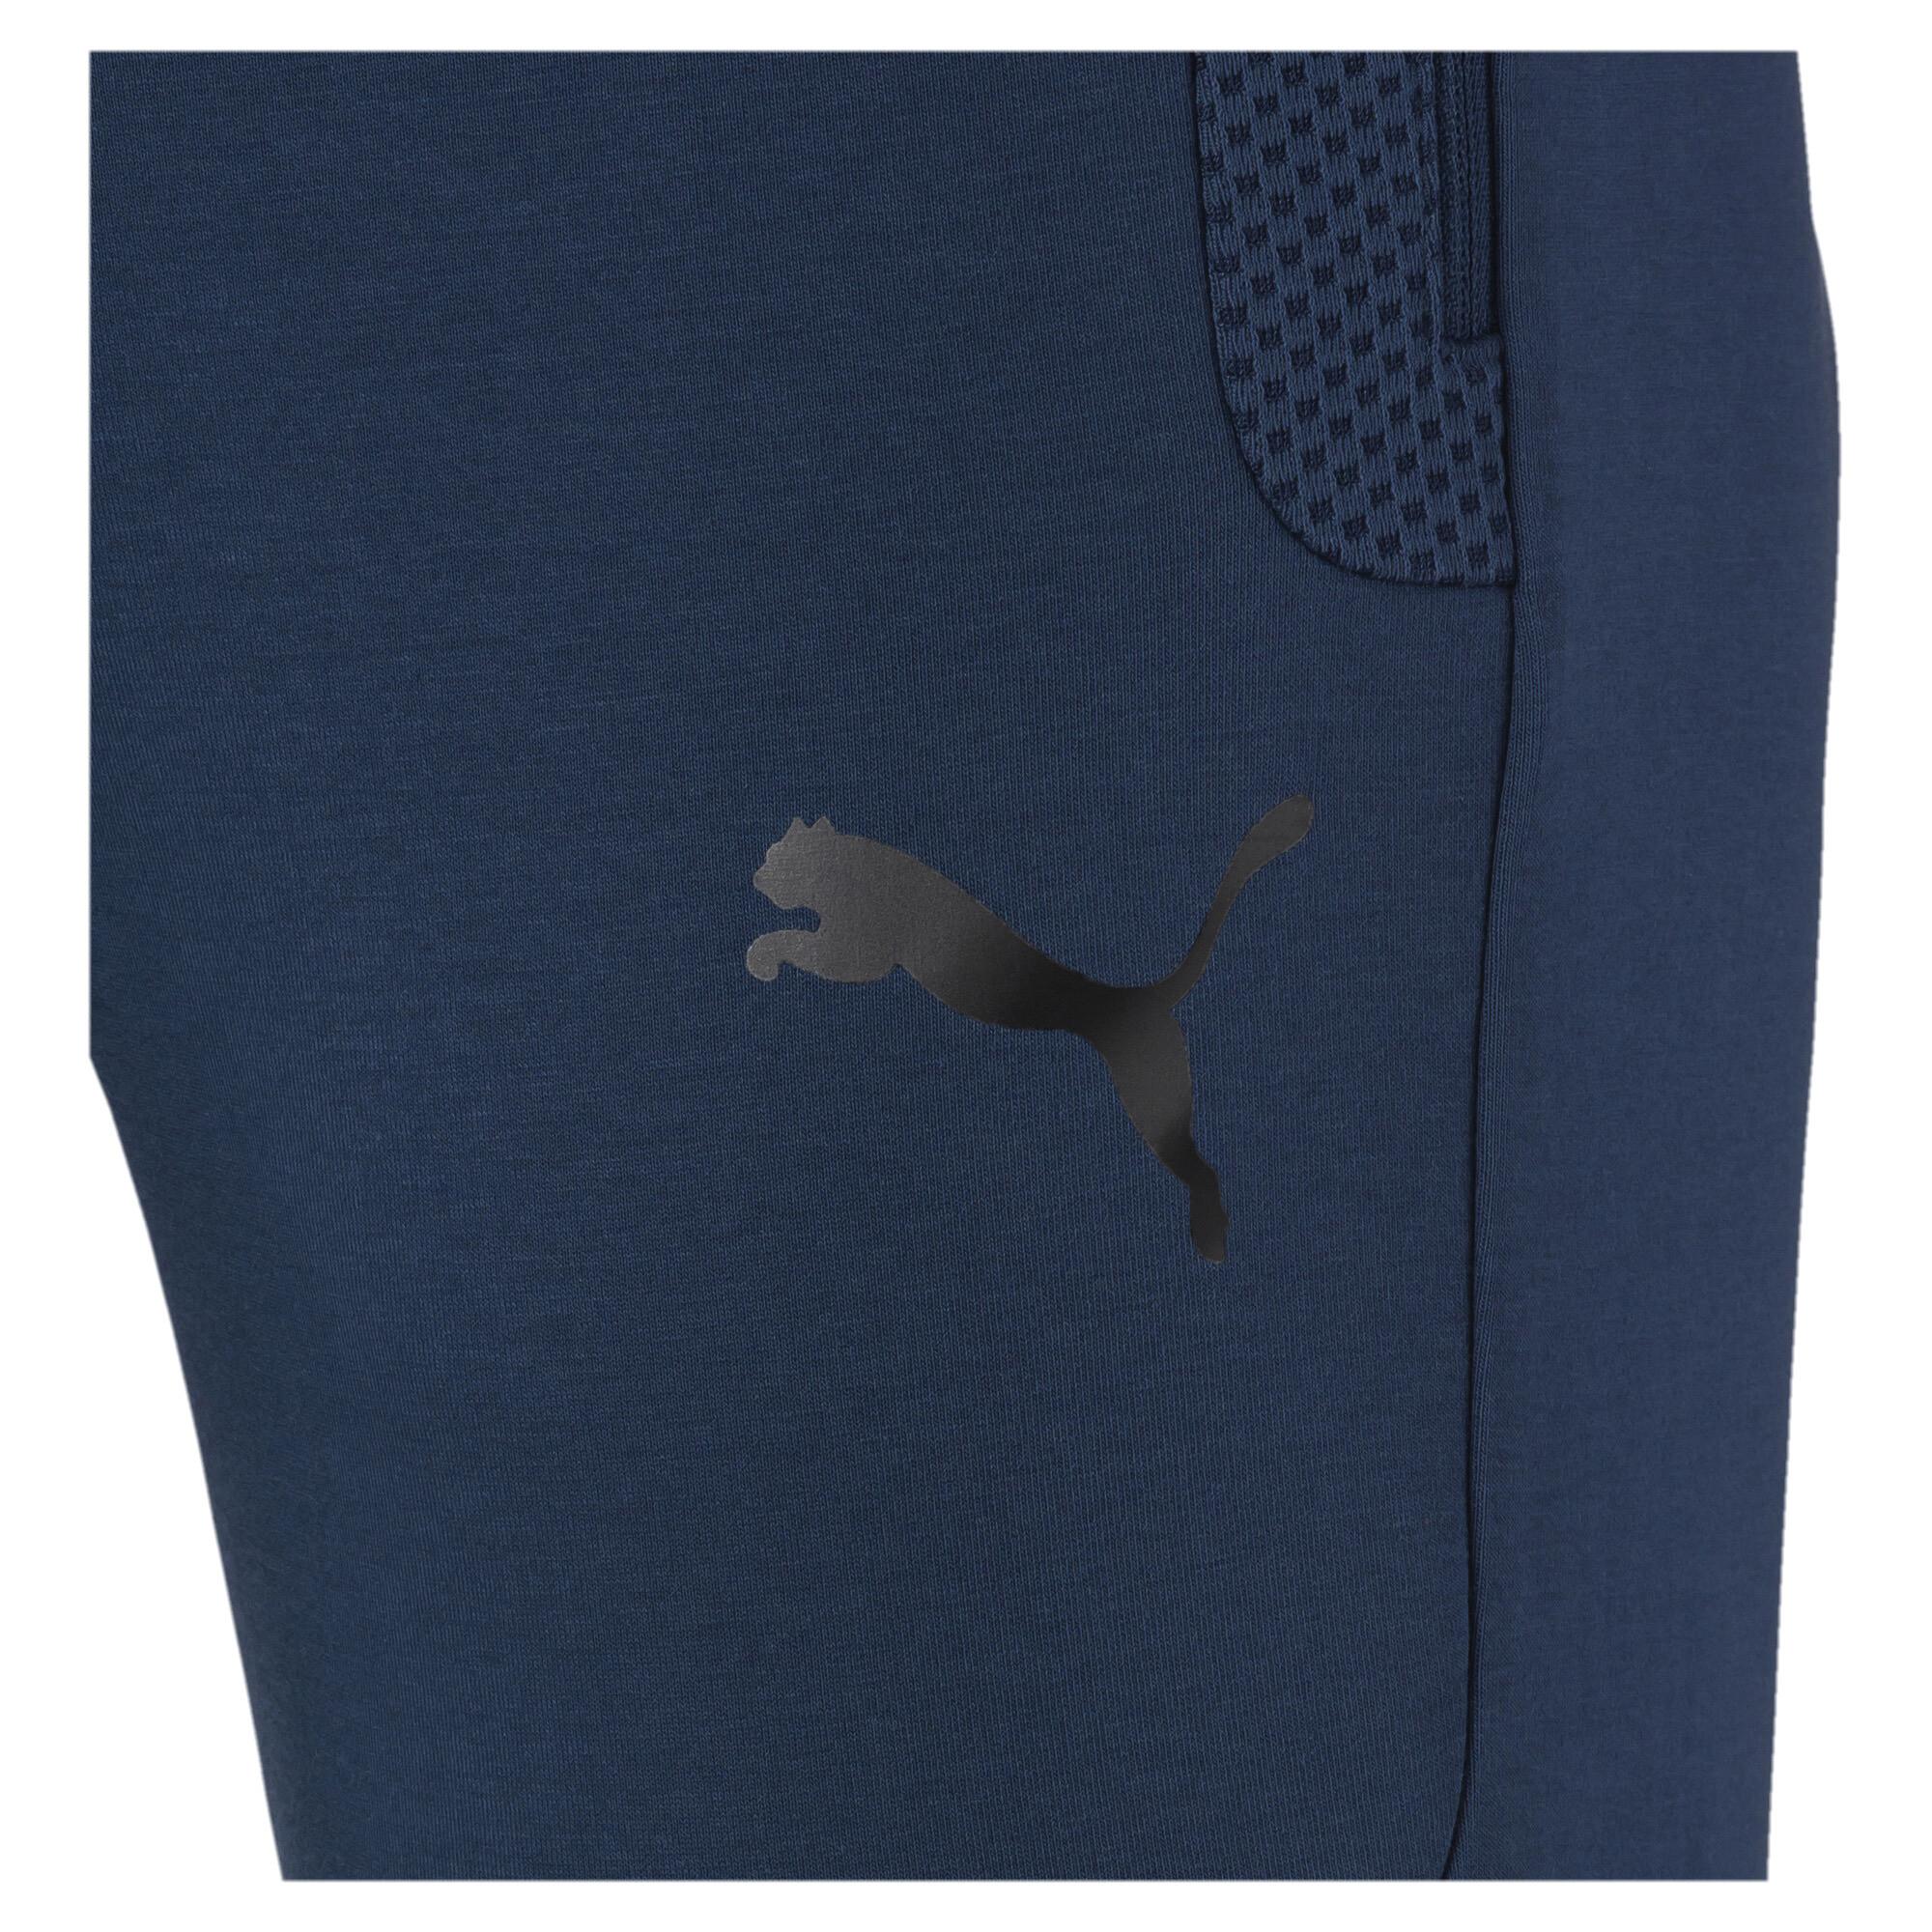 PUMA-Evostripe-Men-039-s-Sweatpants-Men-Knitted-Pants-Basics thumbnail 19